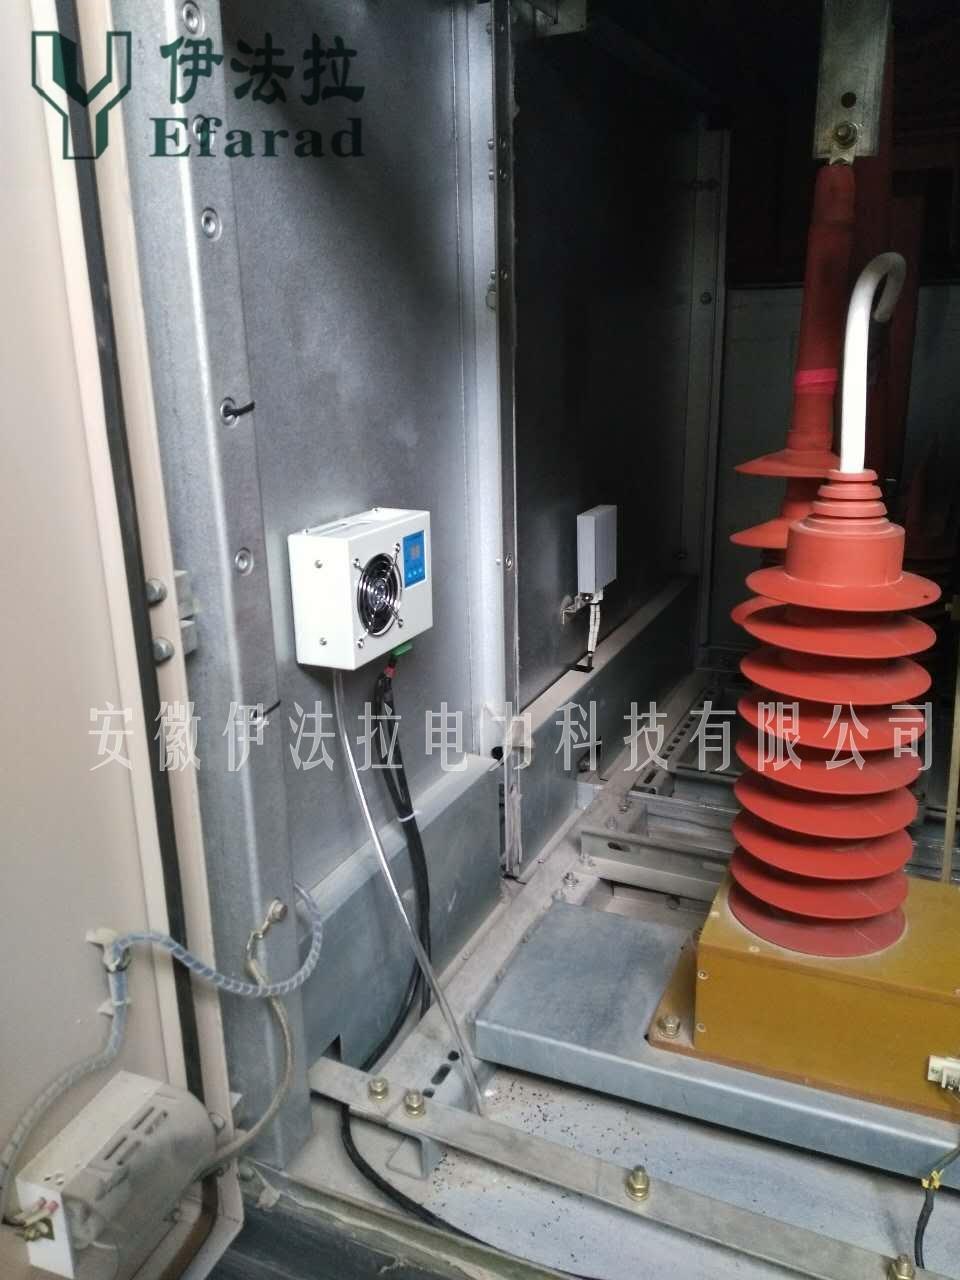 除湿器安装使用照片_conew1.jpg